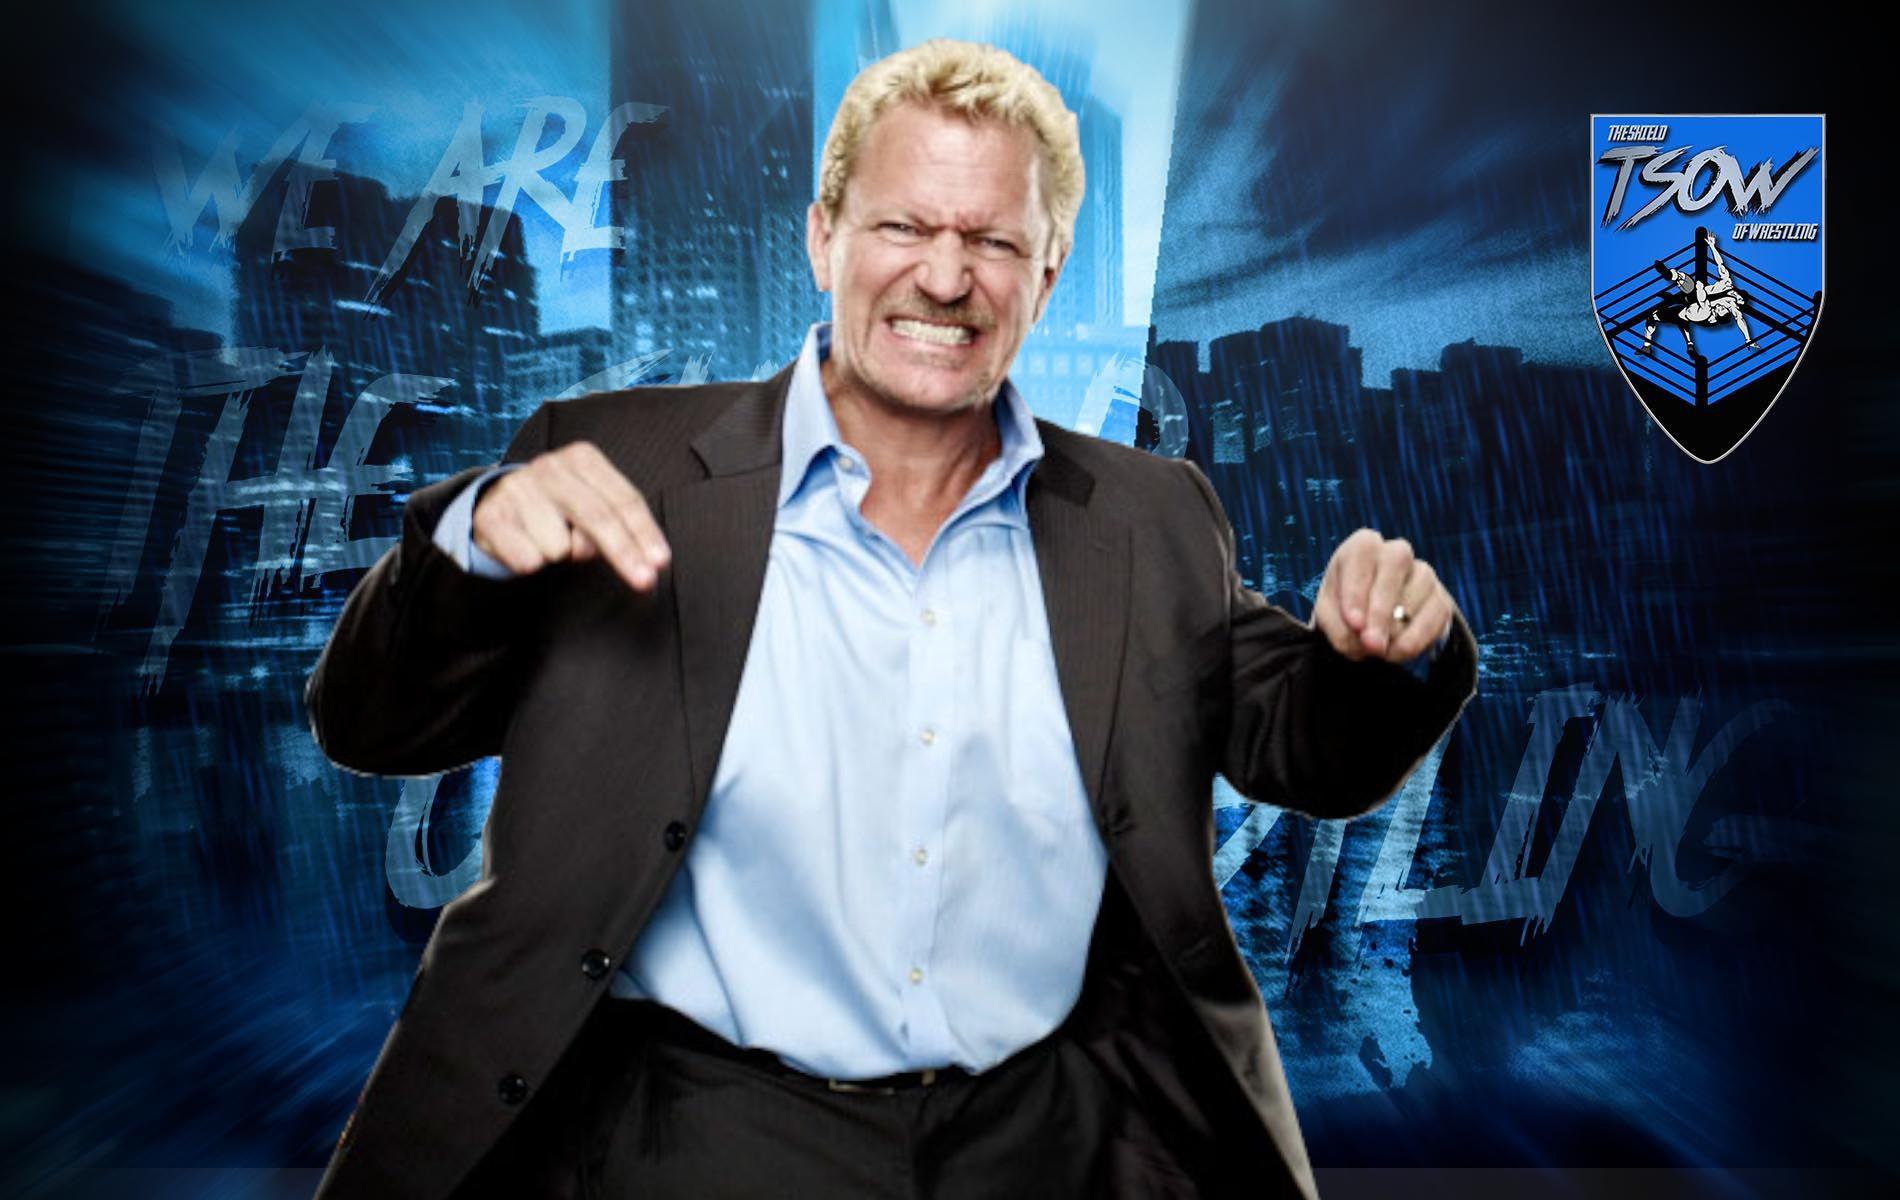 Jeff Jarrett si emoziona nel parlare di Vince McMahon?